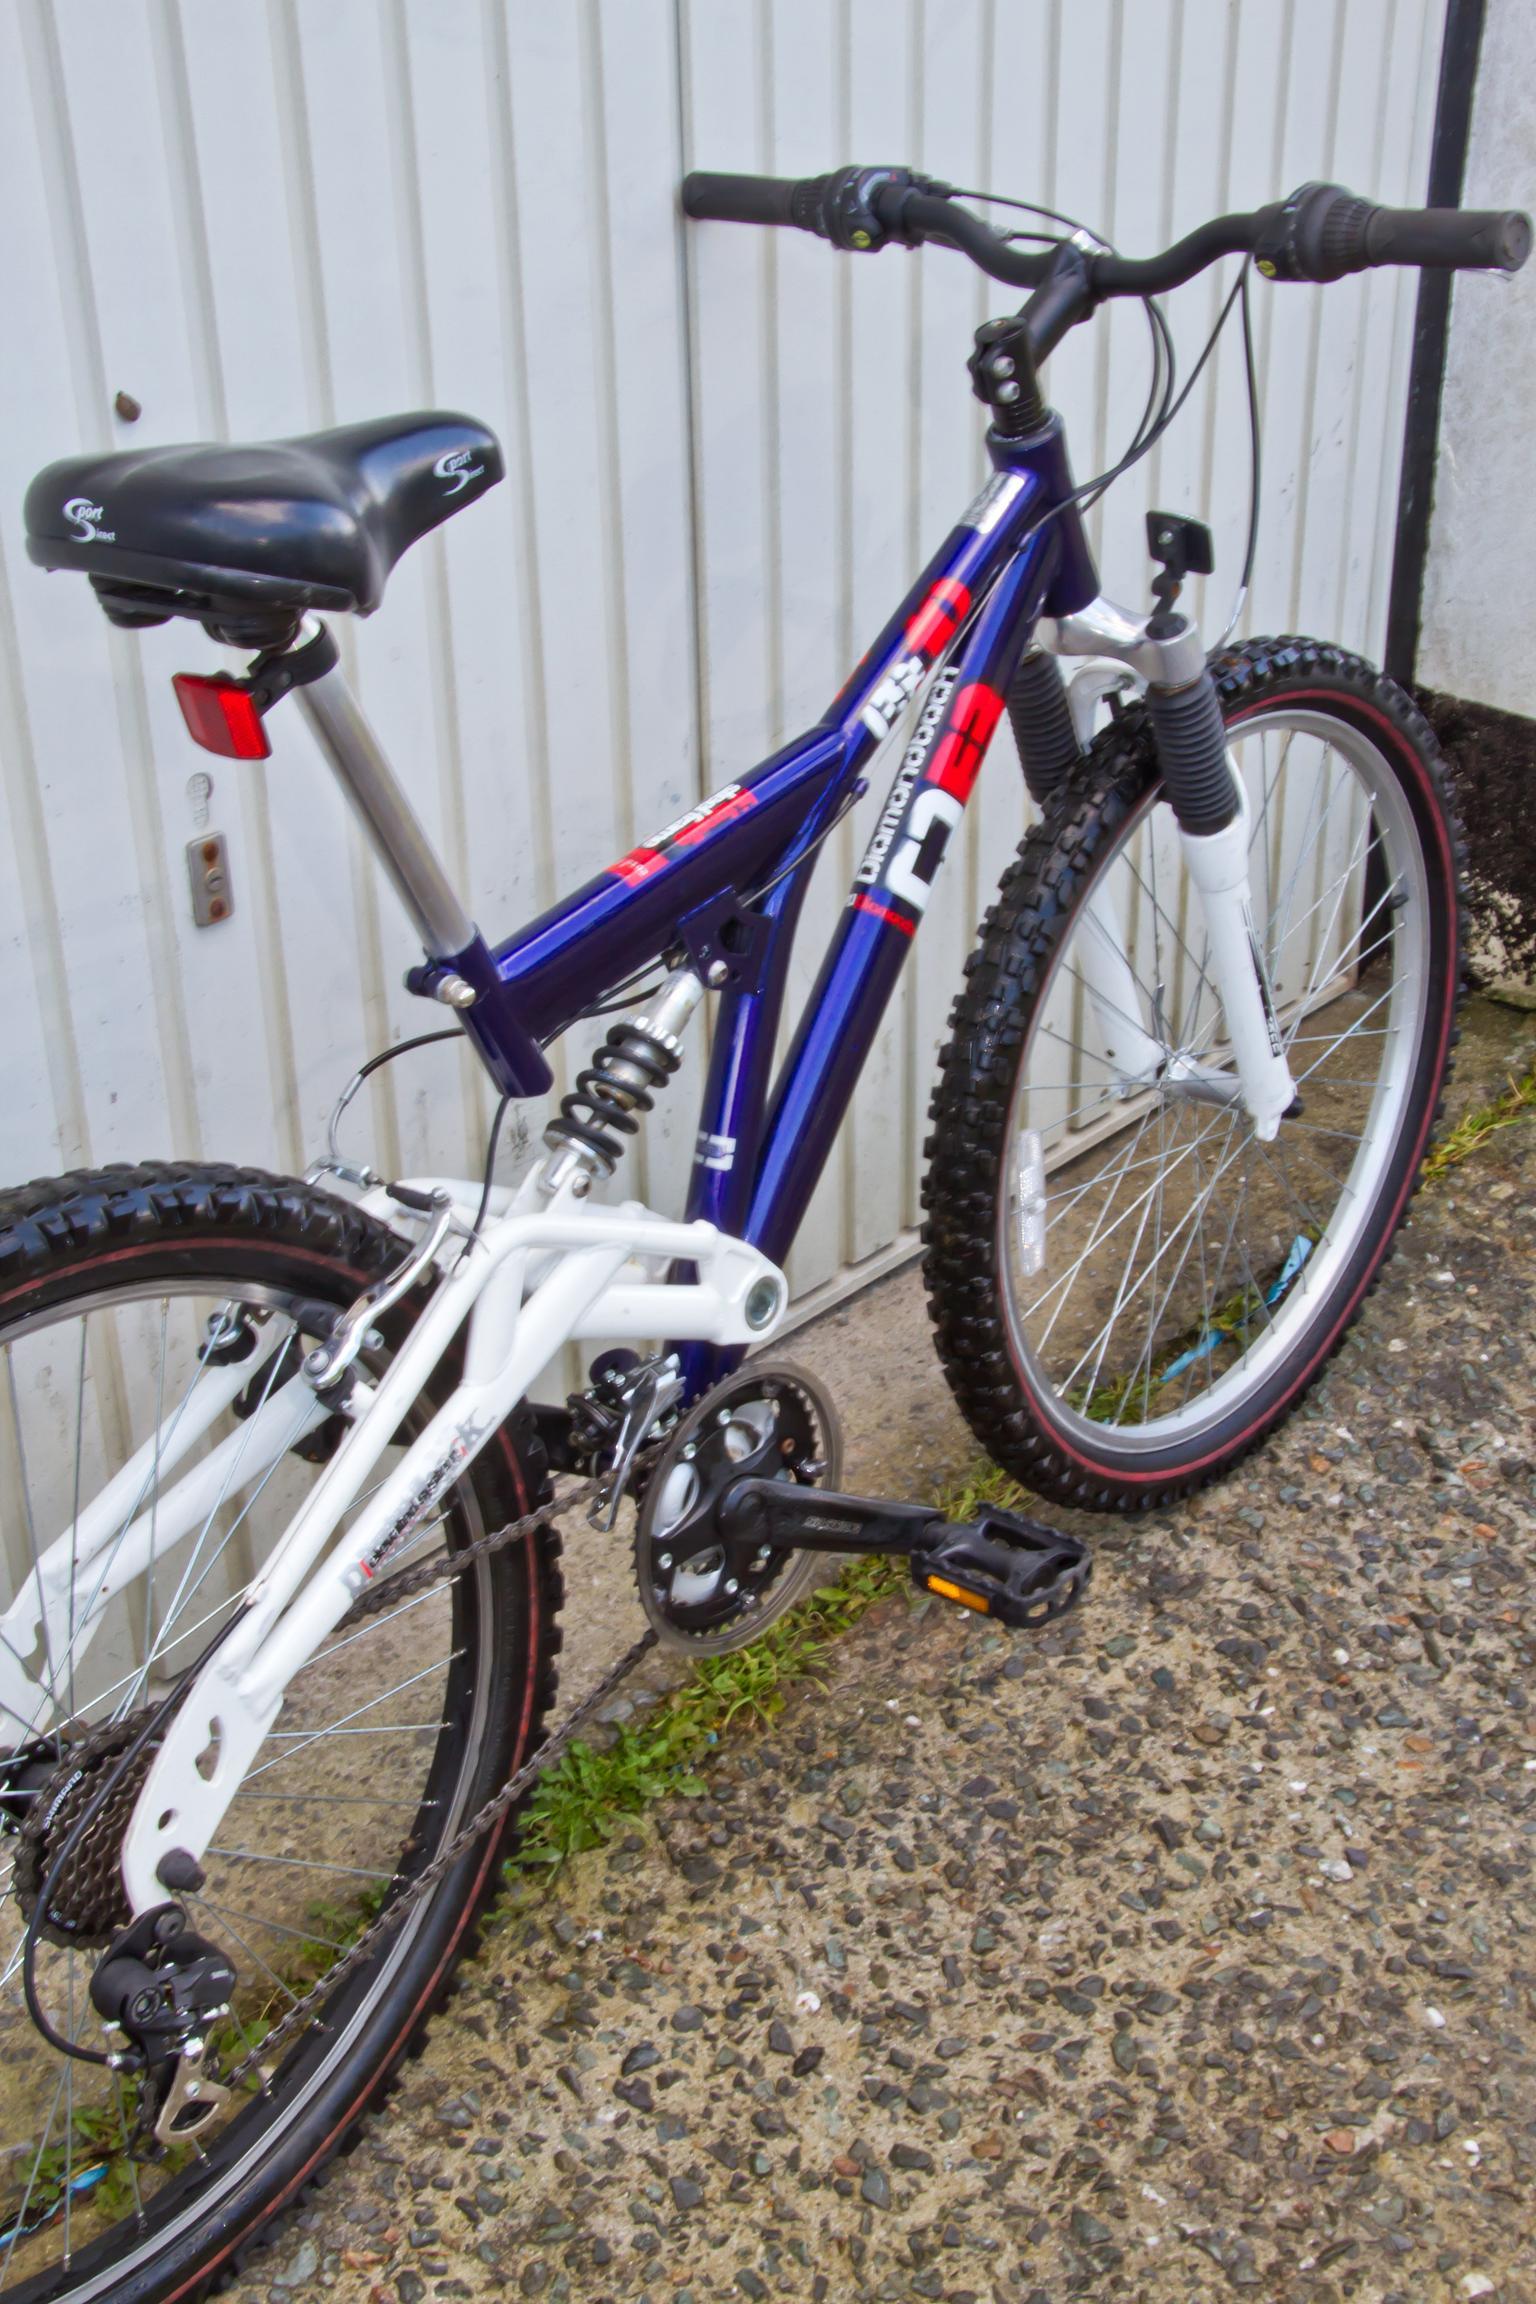 diamondback fs10 mountain bike